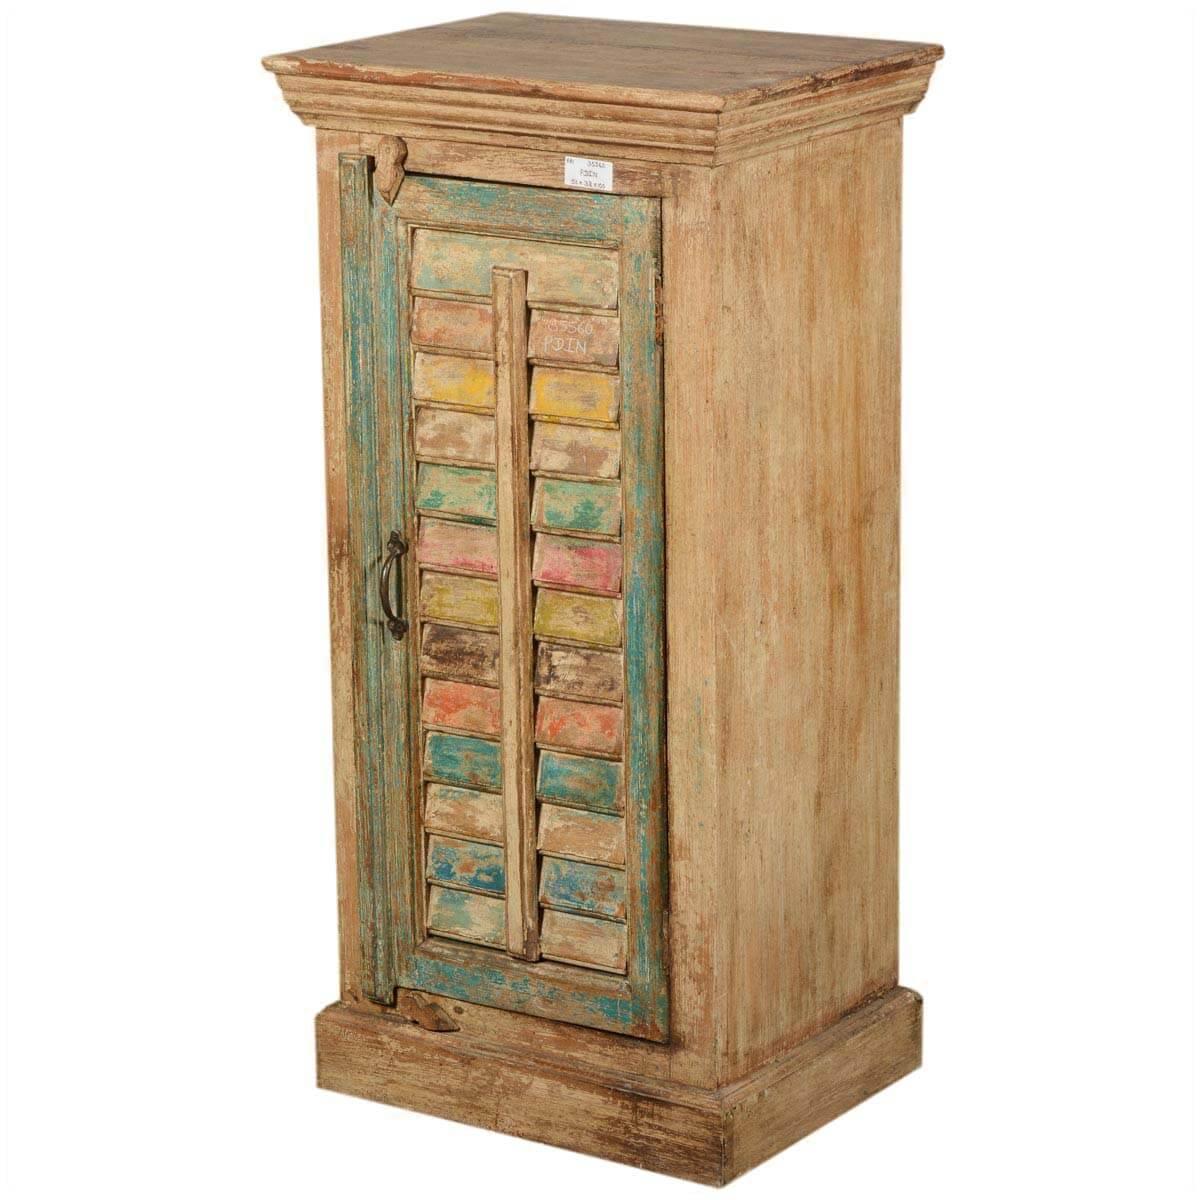 Paint Box Shutter Door Reclaimed Wood Rustic Nightstand Cabinet